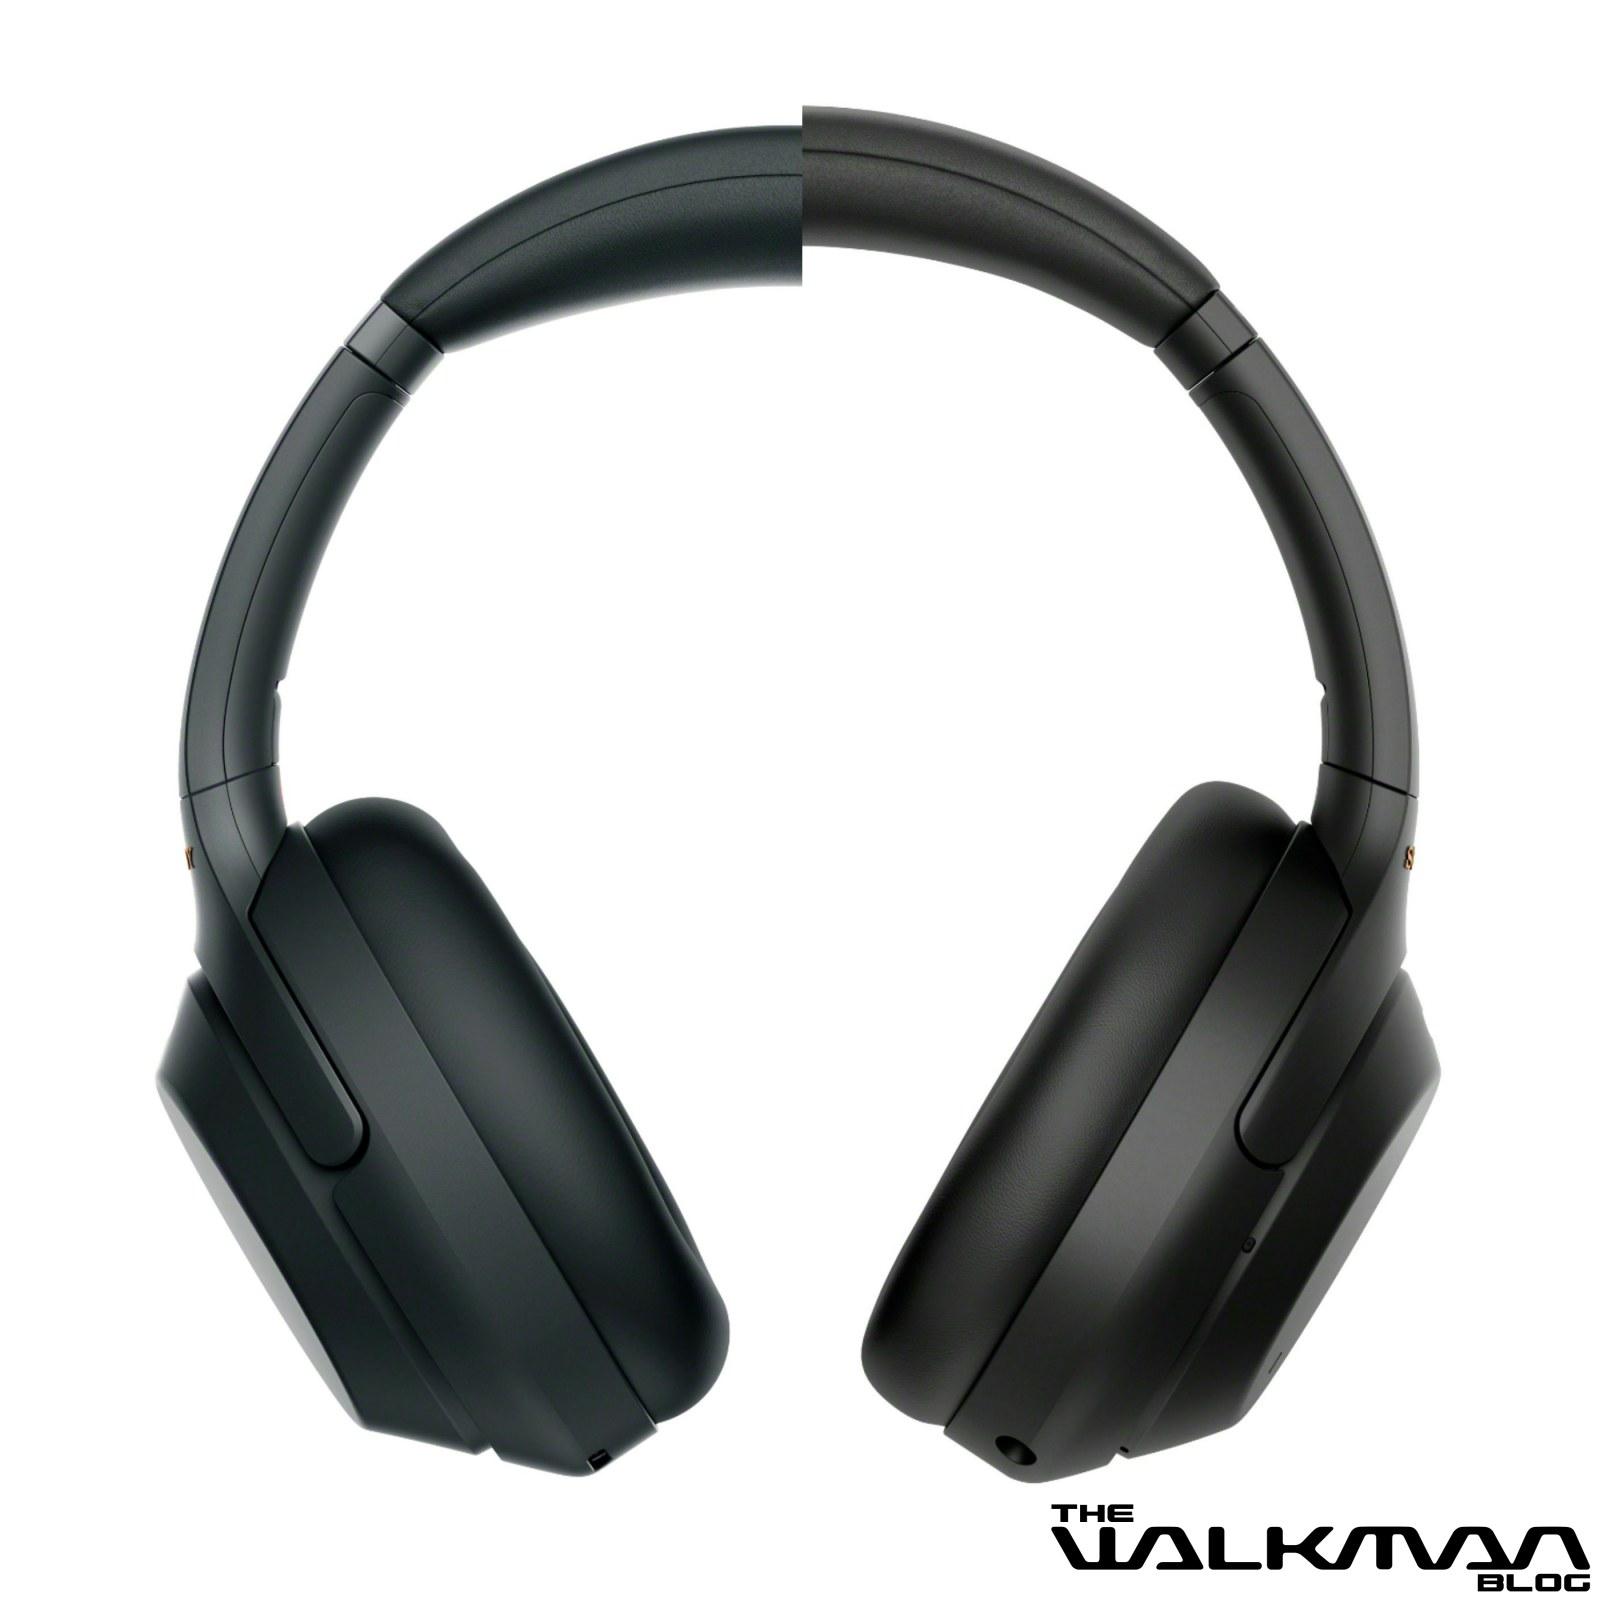 Szukasz dobrych słuchawek z ANC? Poczekaj, wkrótce premiera Sony WH-1000XM4 22